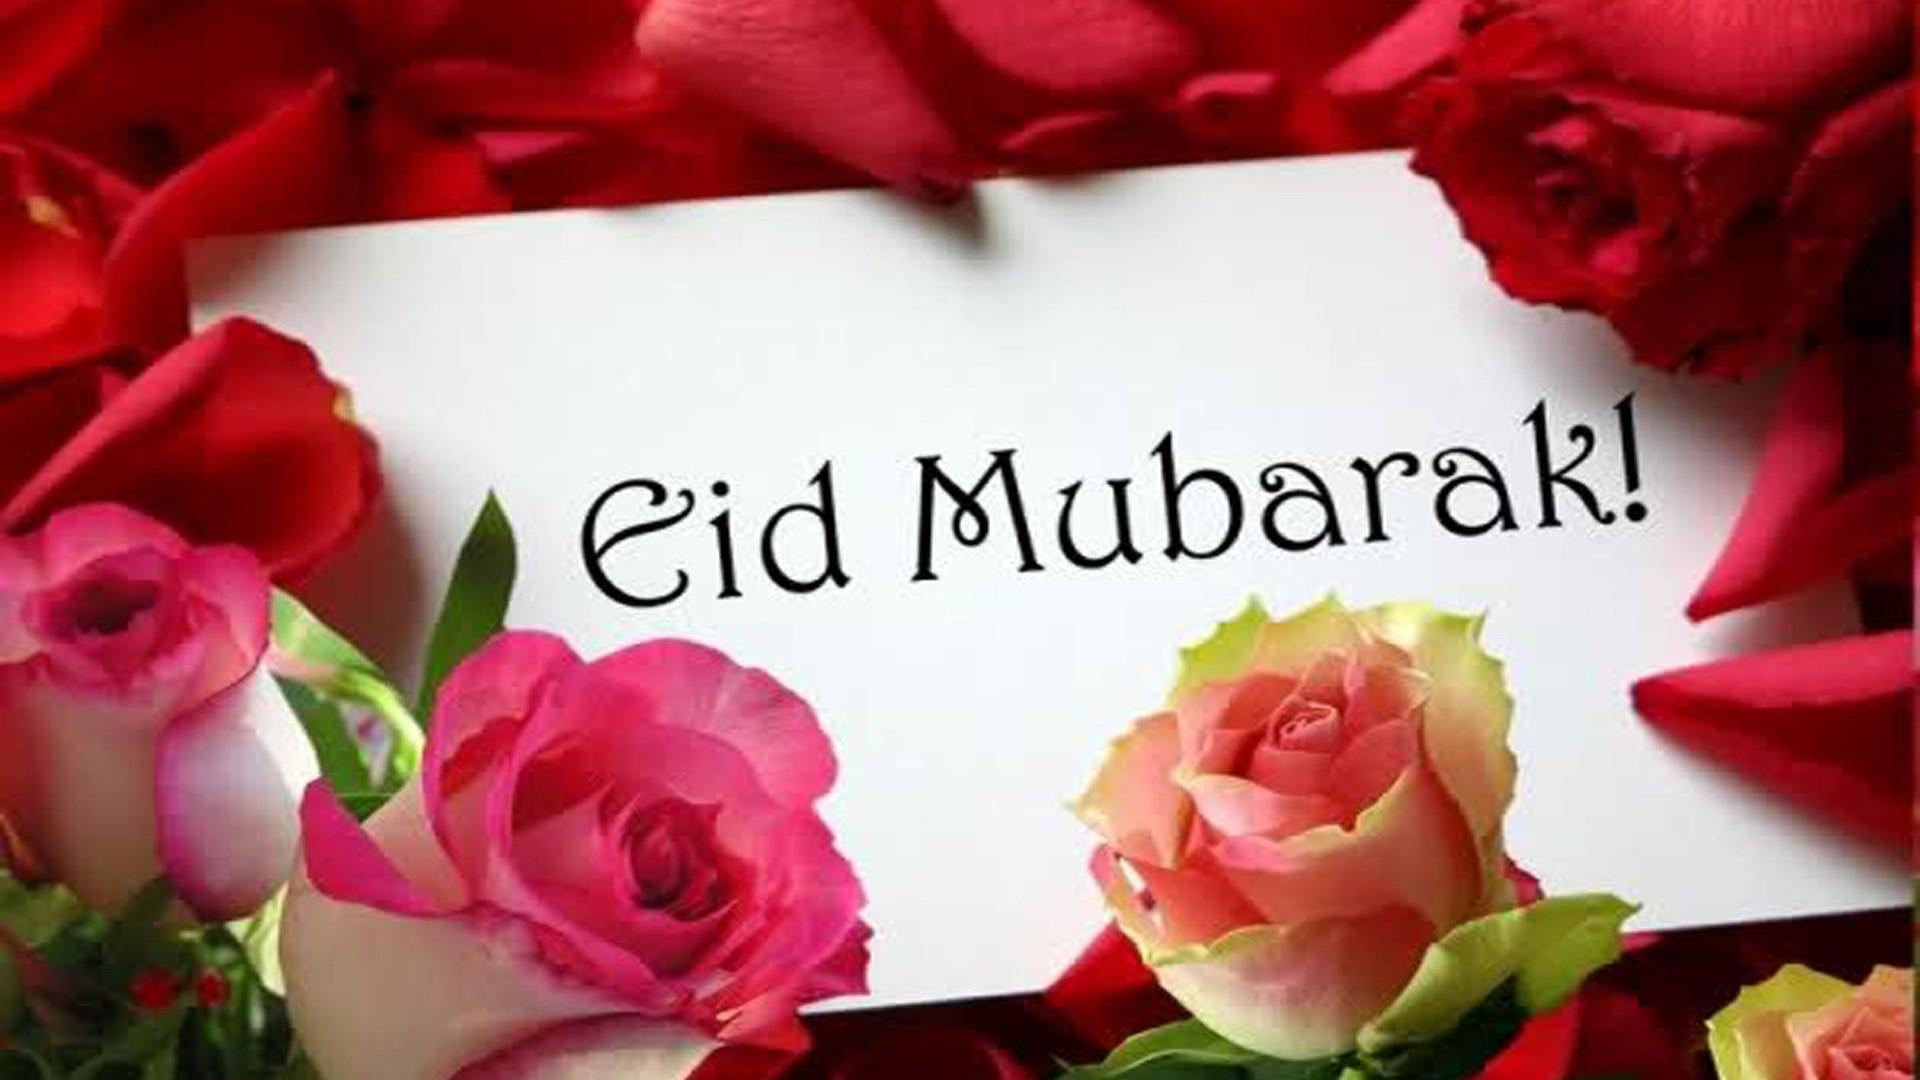 Eid mubarak wishes status messages quotes images 2017 best eid mubarak wishes kristyandbryce Choice Image